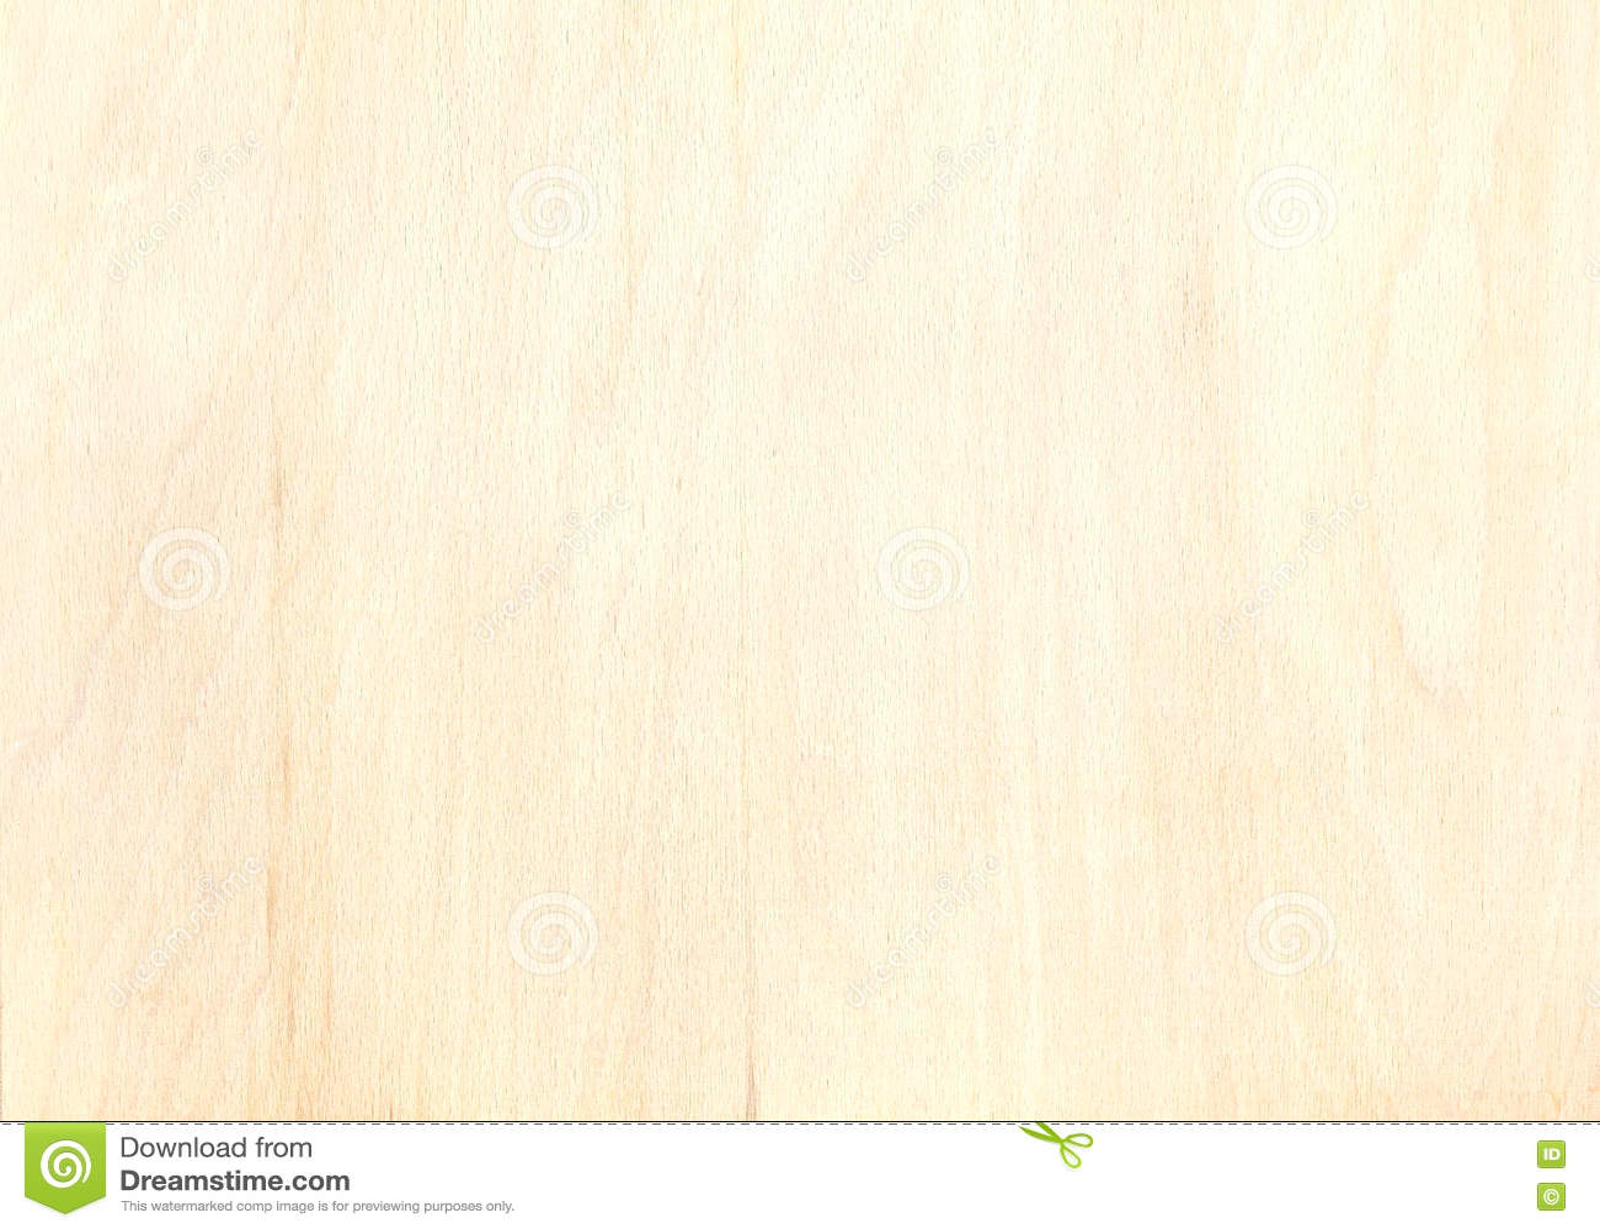 texture de planche de contreplaqu de bouleau avec le mod le en bois naturel image stock image. Black Bedroom Furniture Sets. Home Design Ideas